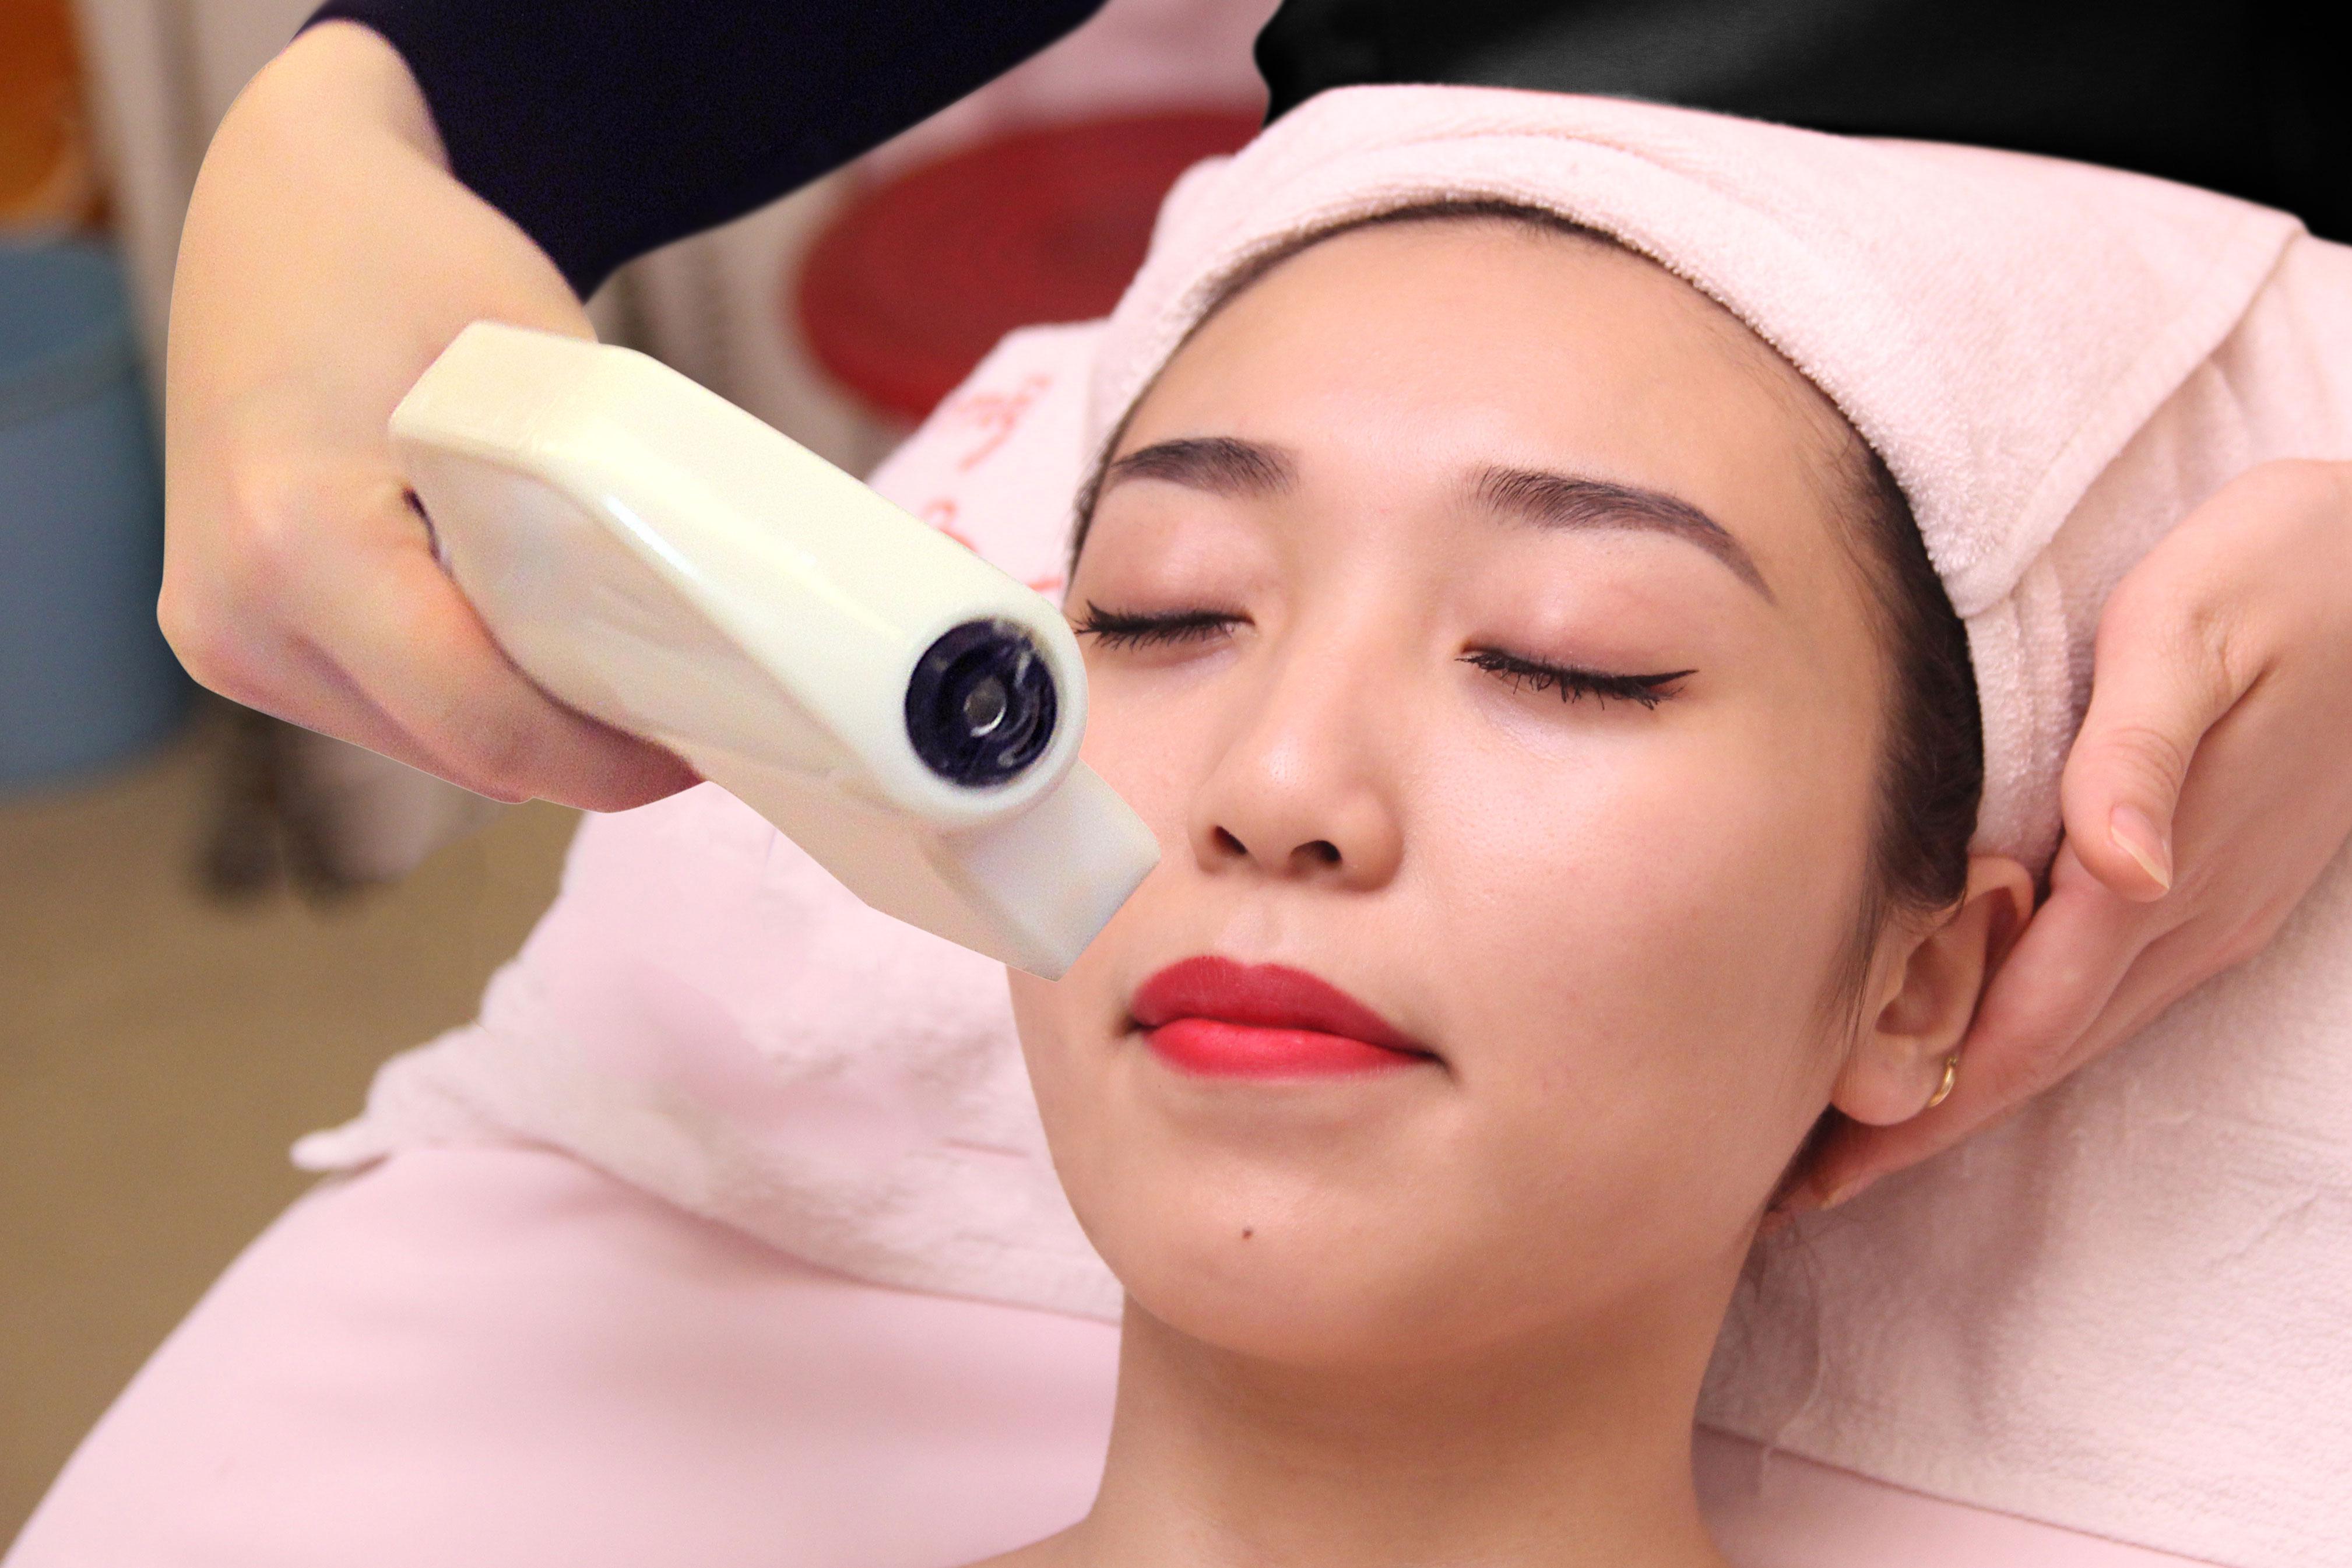 The Record 618 triệt lông mọi vùng trên cơ thể, kể cả những vùng da nhạy cảm như mặt, ria mép